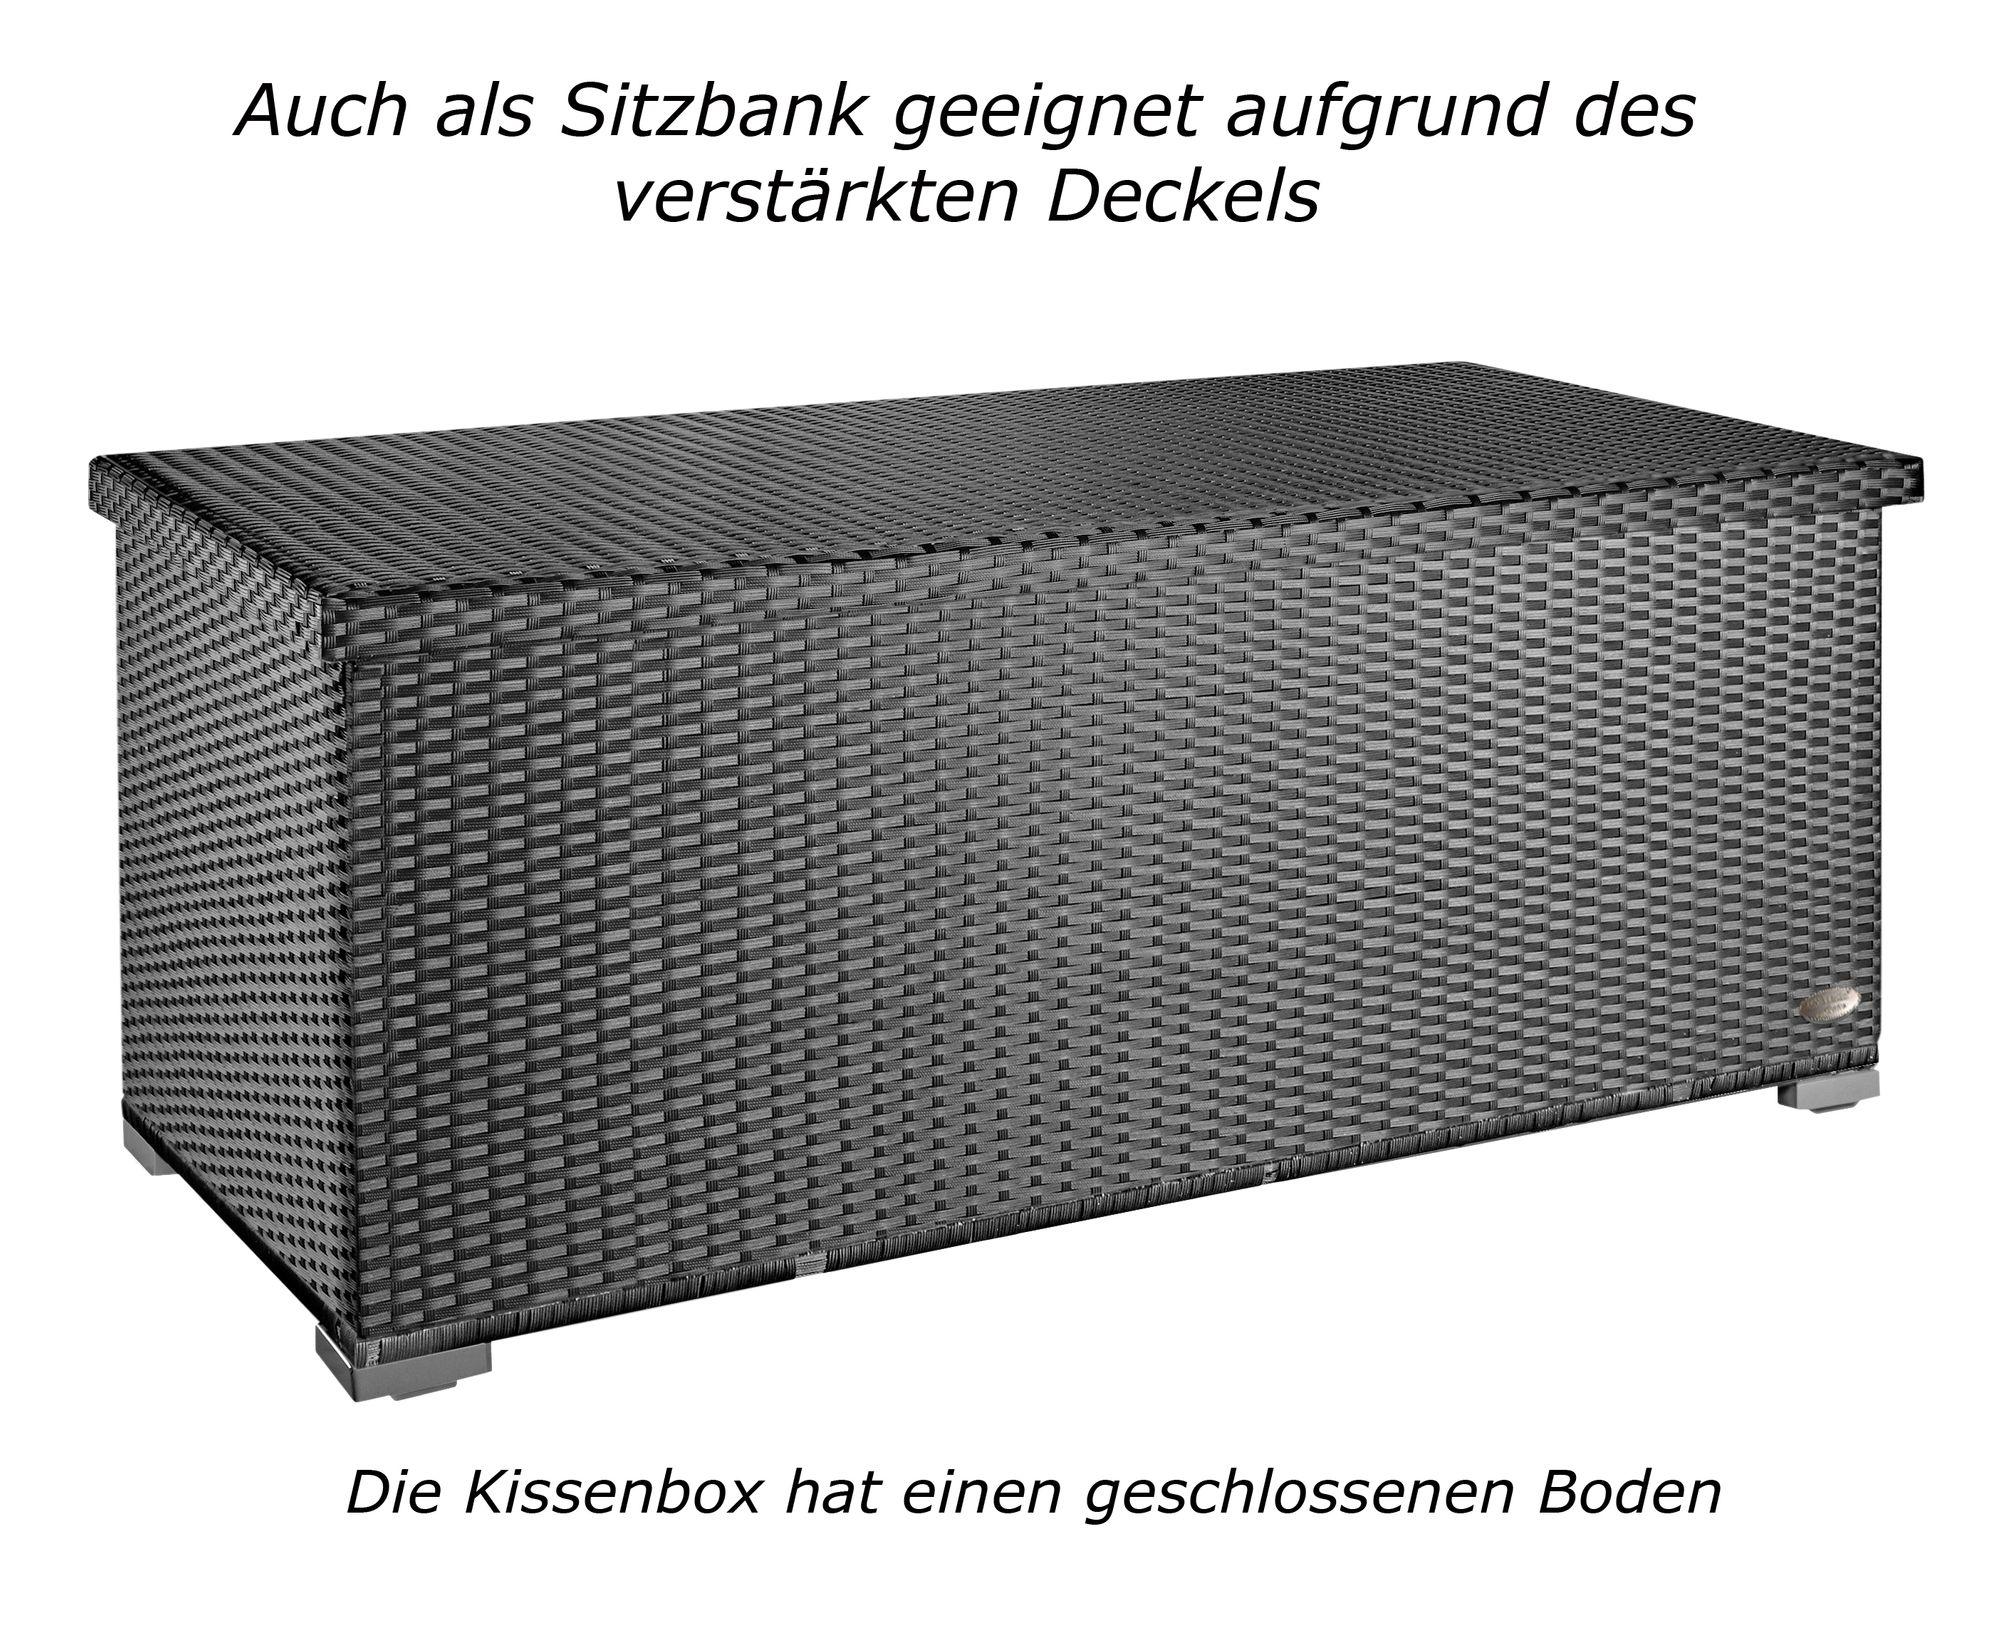 kissenbox auflagenbox gartentruhe gartenbox truhe box. Black Bedroom Furniture Sets. Home Design Ideas